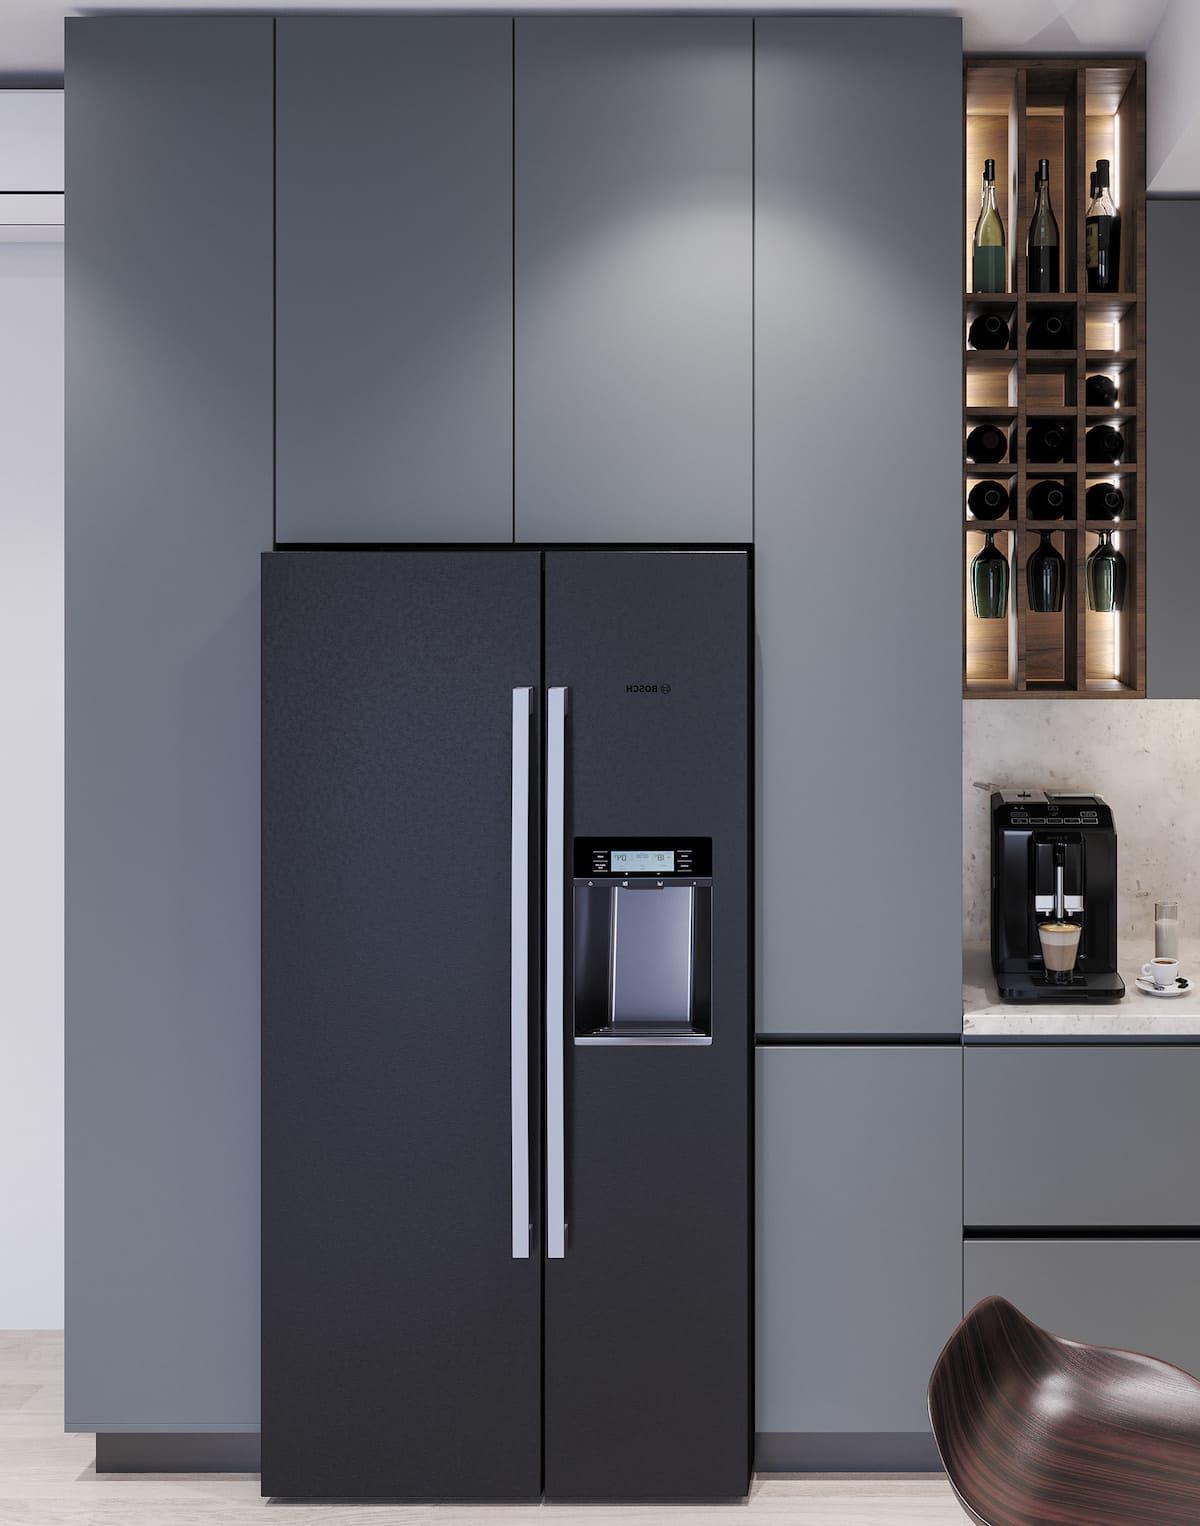 дизайн кухни в современном стиле фото 100